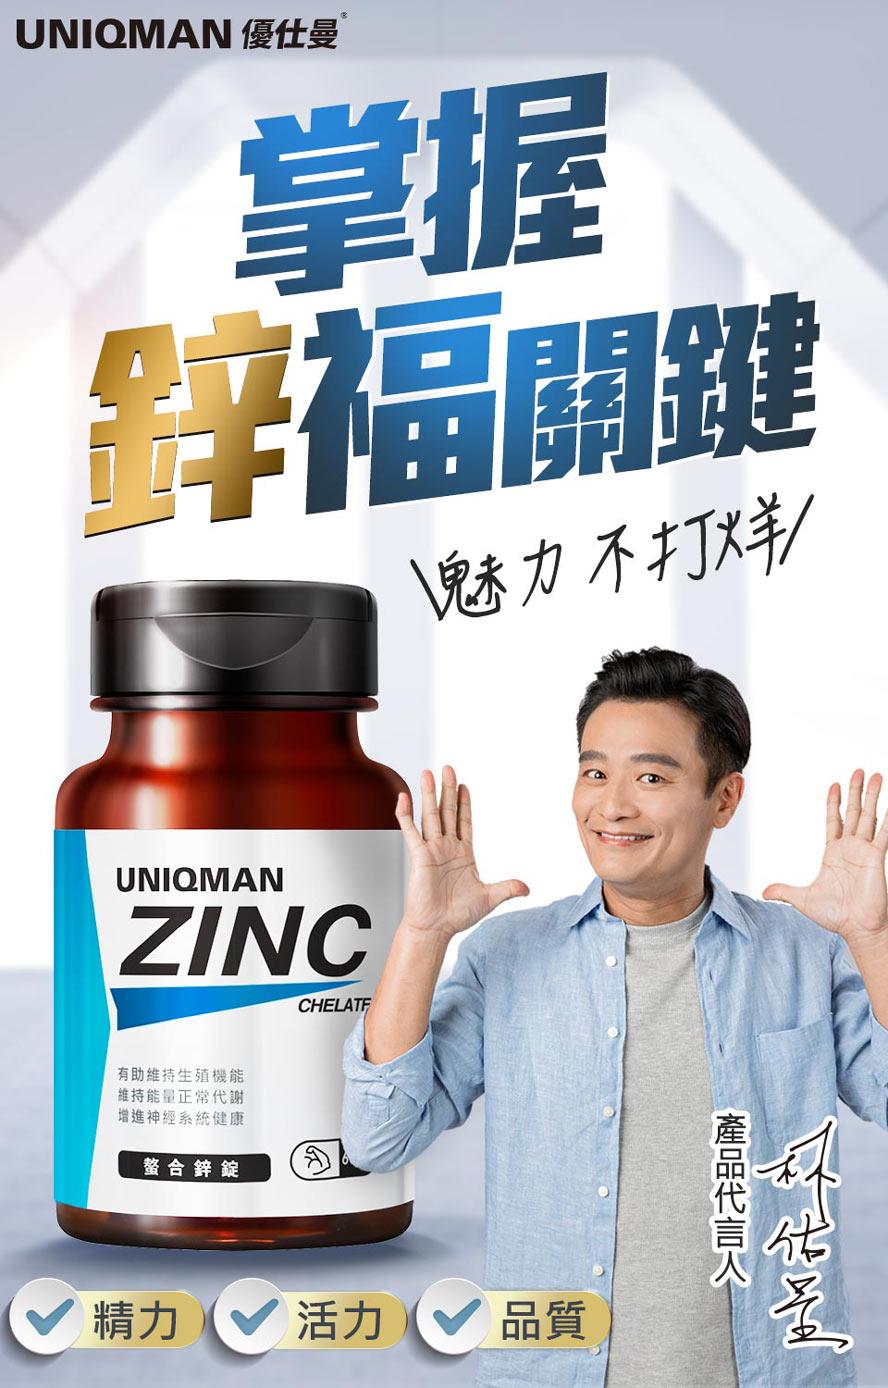 吃UNIQMAN螯合鋅能夠增進活力,補足男性所需